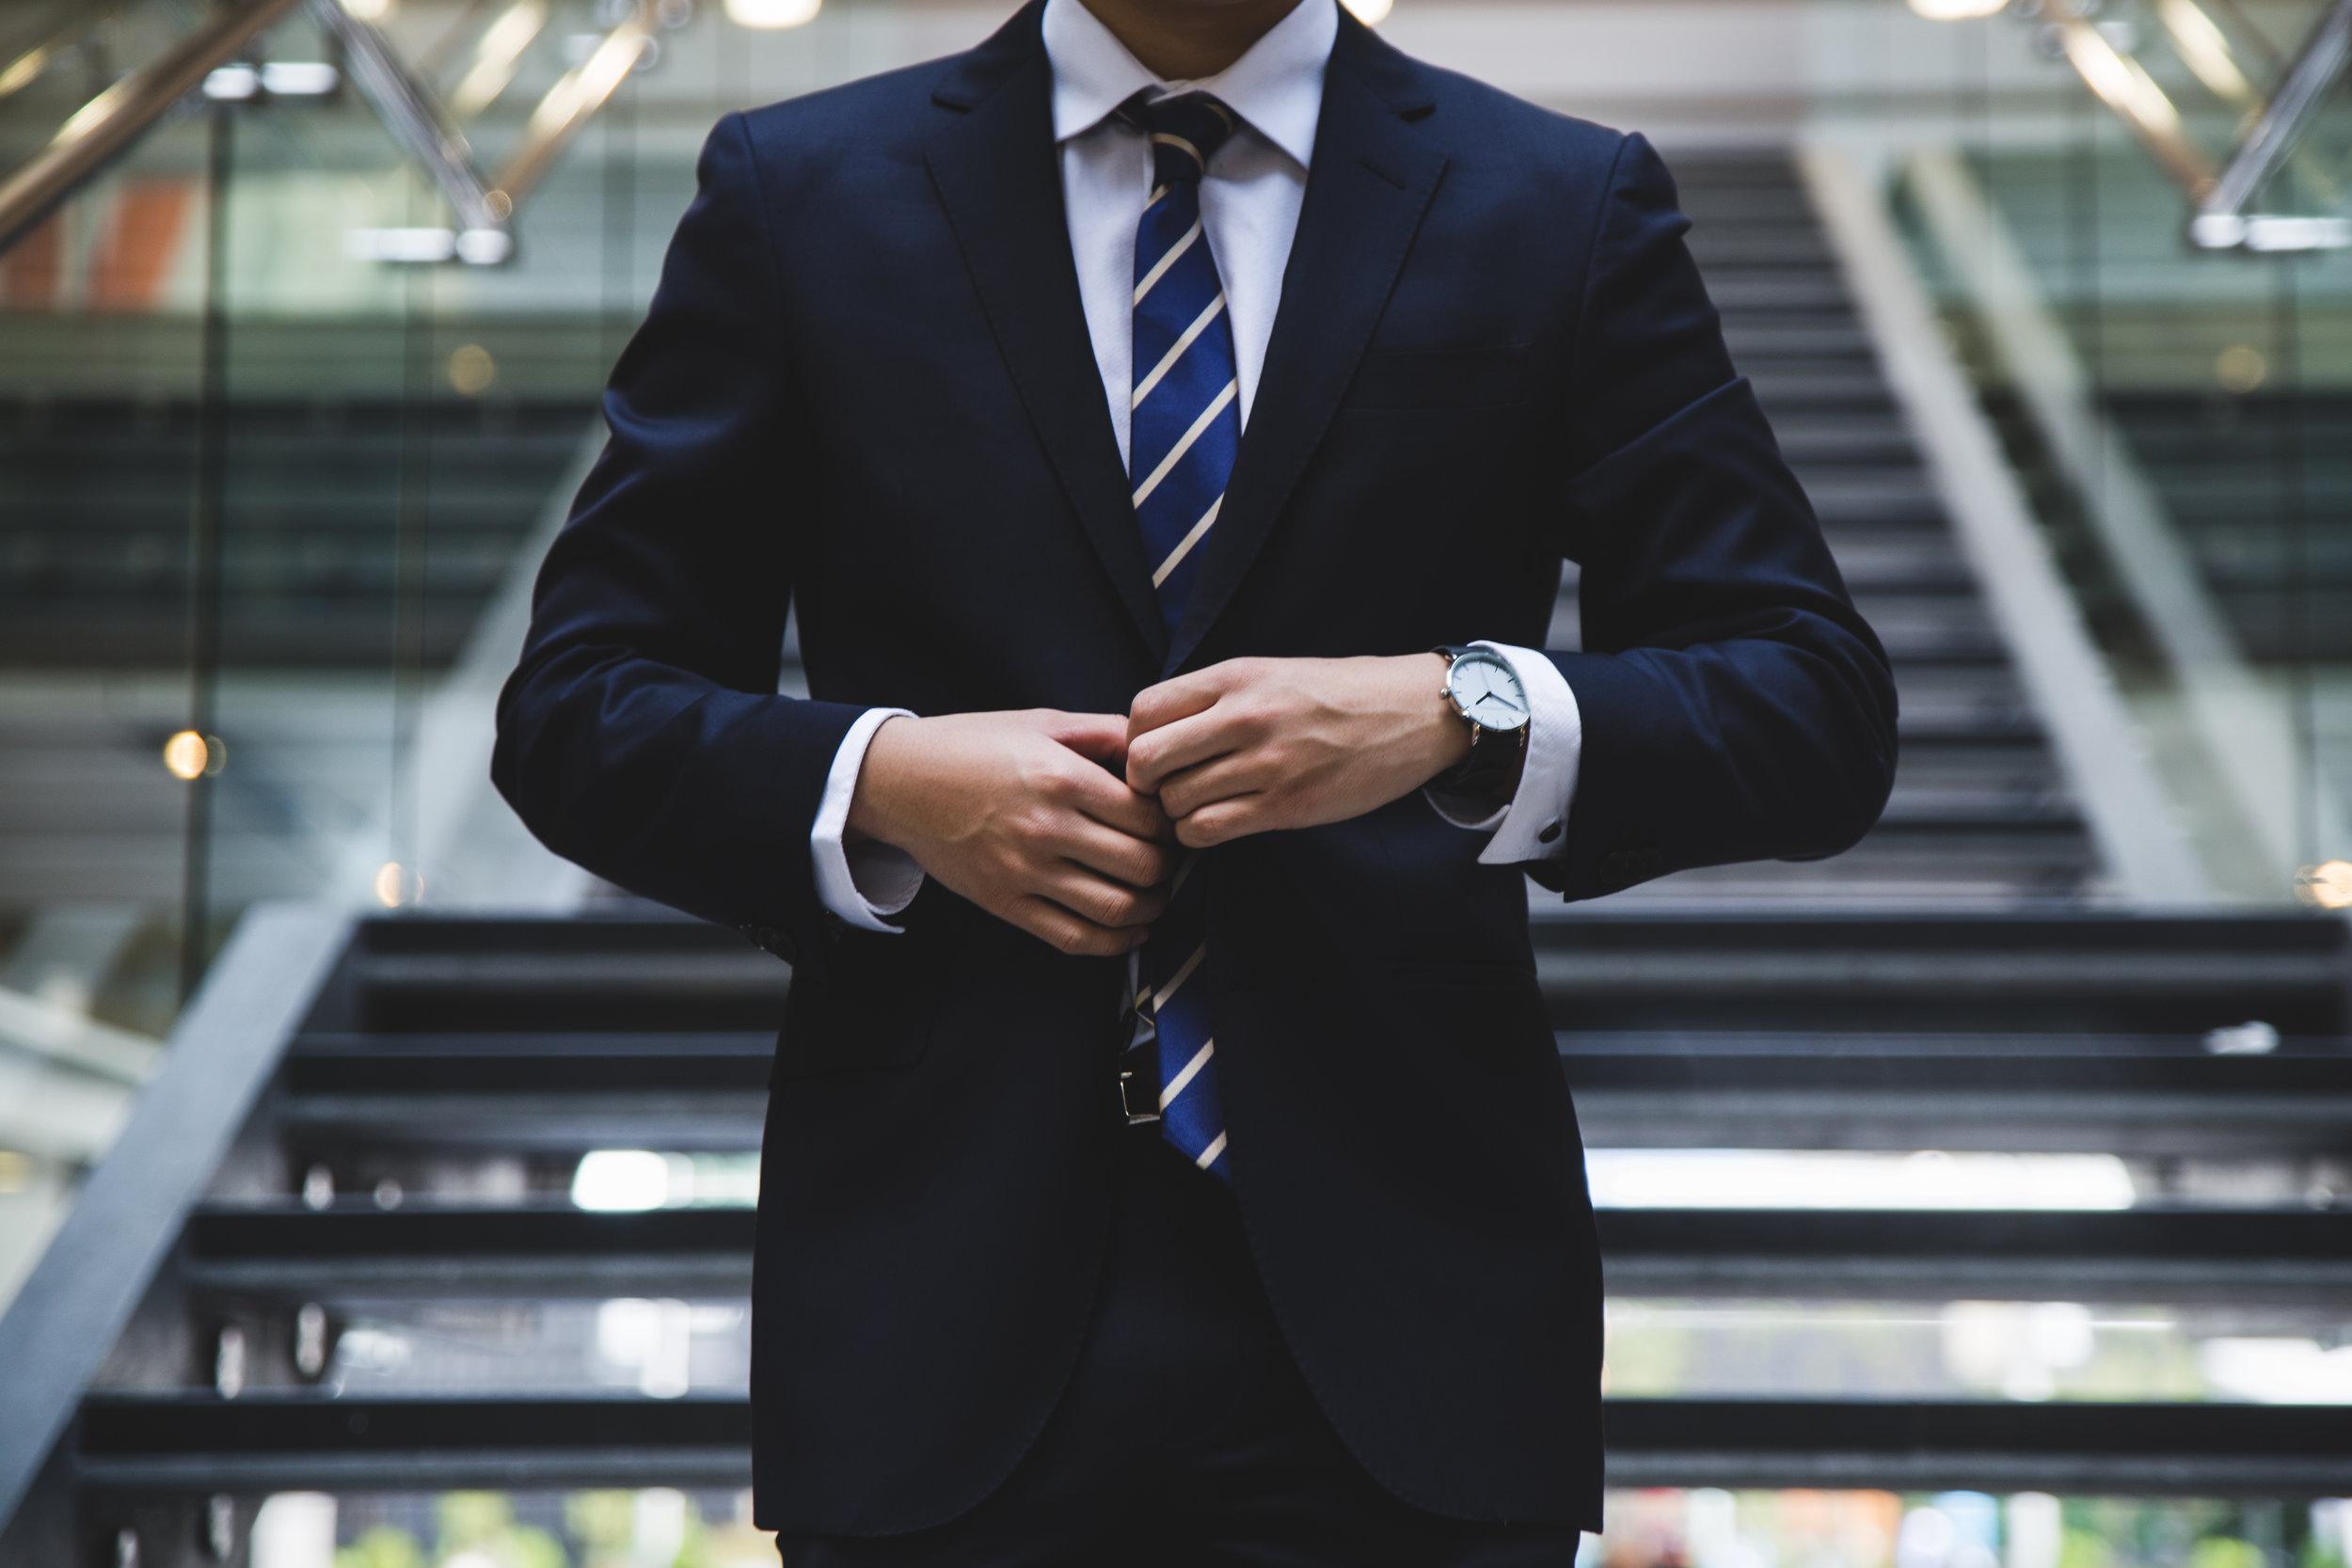 Über deinen Arbeitgeber - Viele nachhaltig denkende Firmen schenken ihren Mitarbeitern unsere schönen Aufkleber, zum Beispiel: PhraseApp, Kontist und Wunderflats.